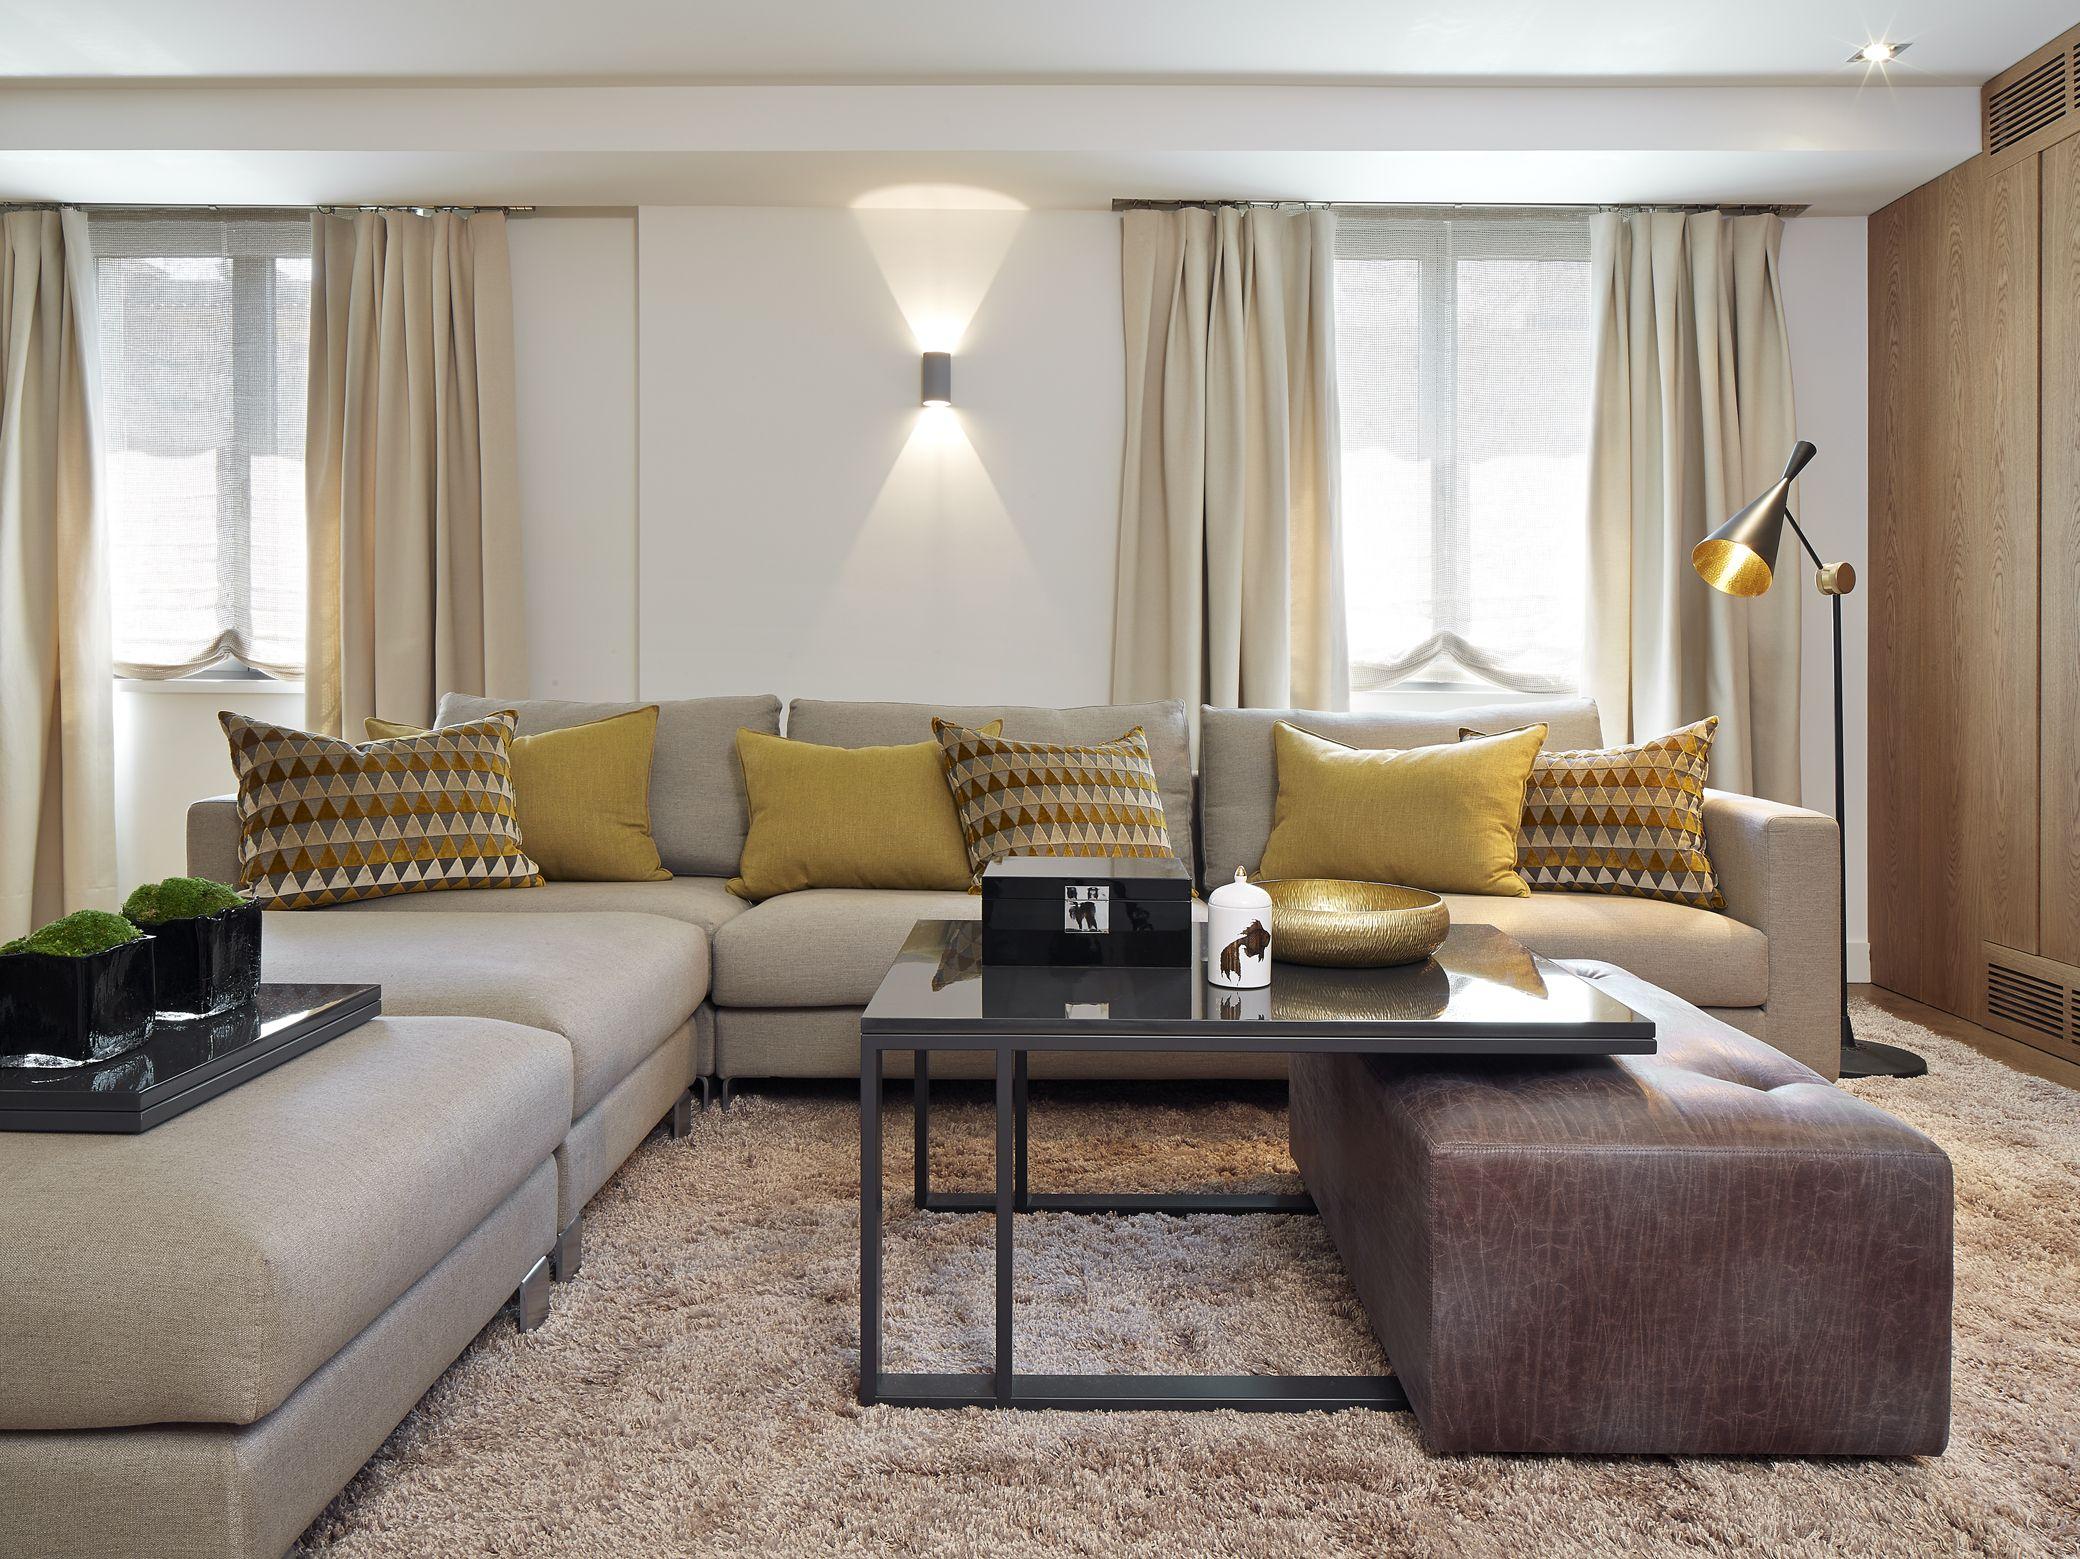 Molins interiors arquitectura interior interiorismo - Mesita auxiliar sofa ...